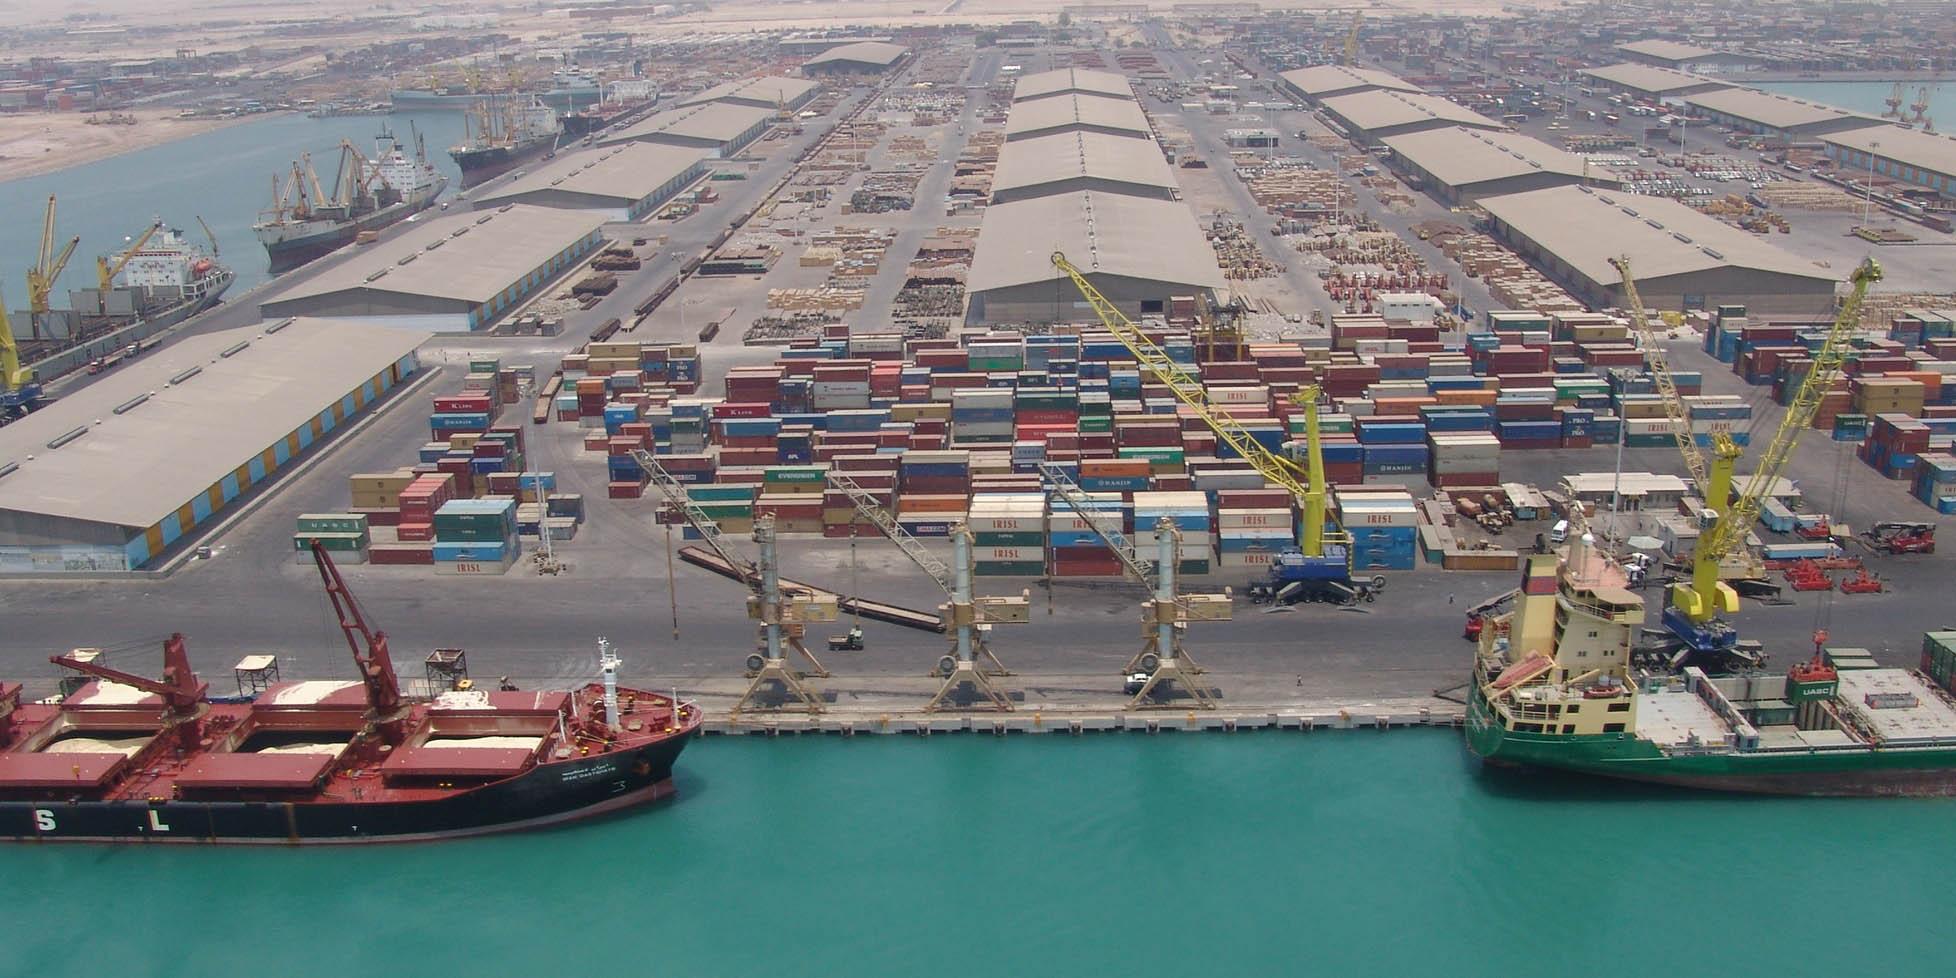 اداره کشور با اقتصاد دریامحور